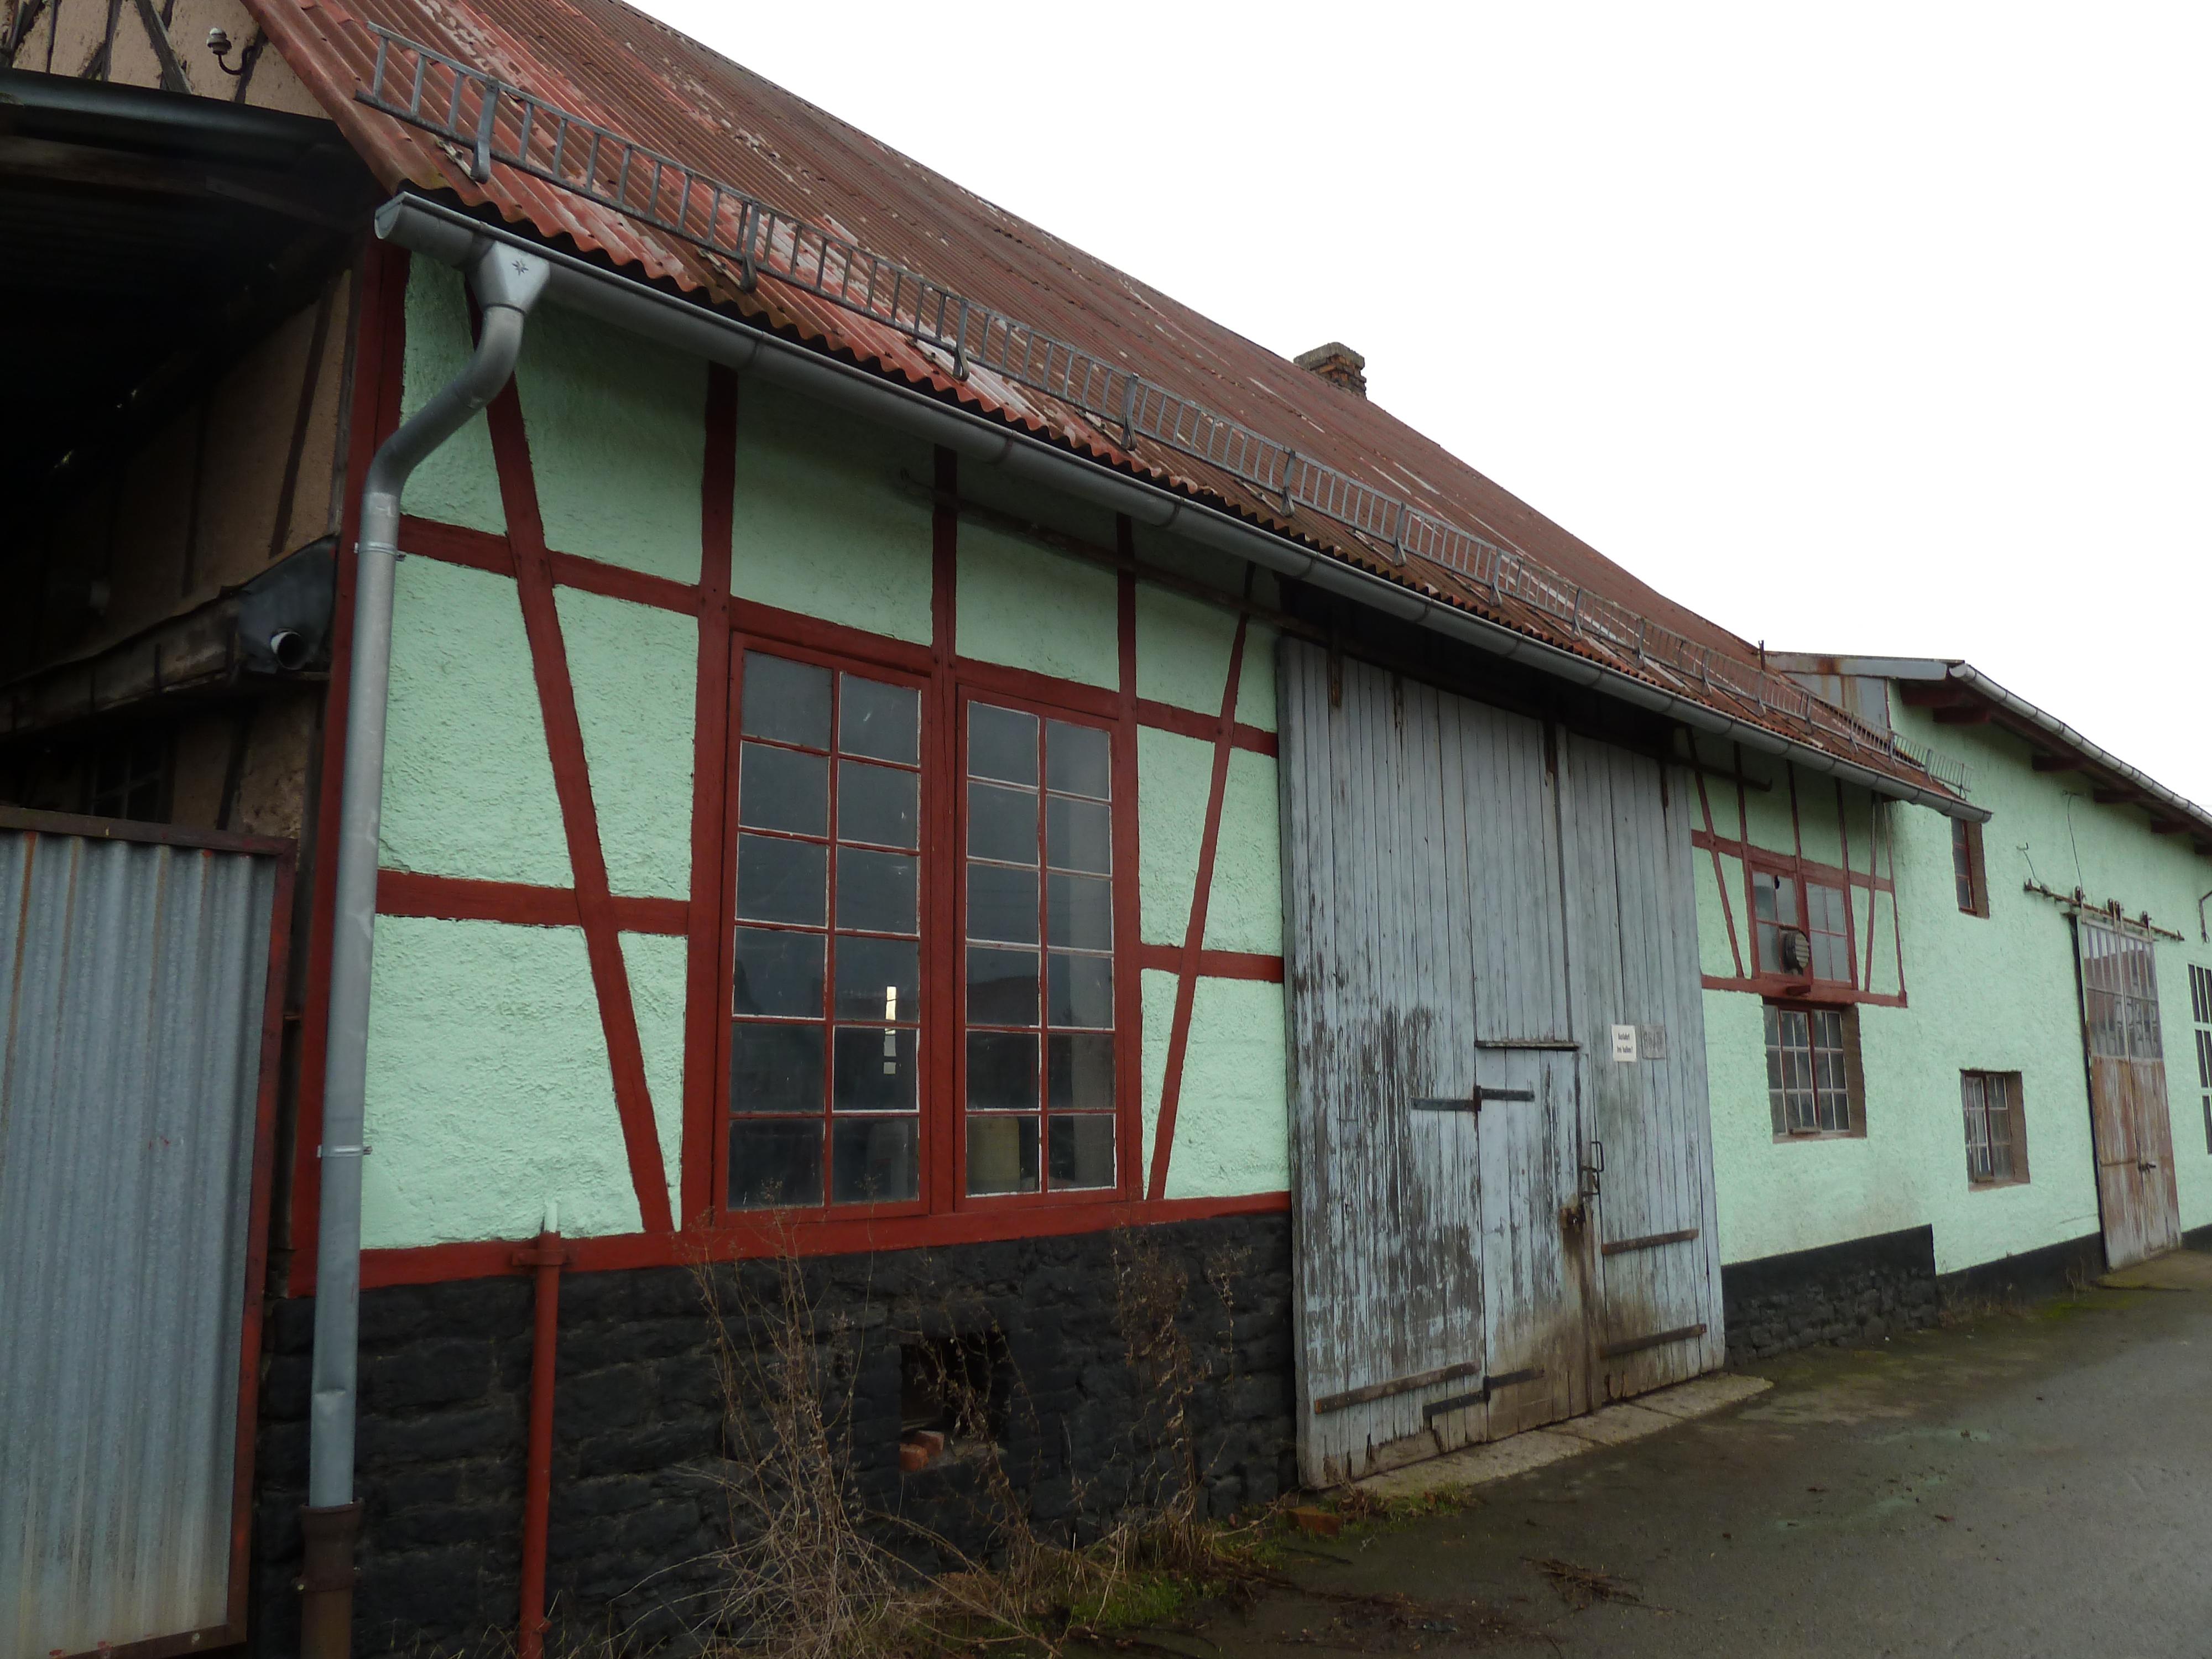 Traktorenverein Allmenhausen